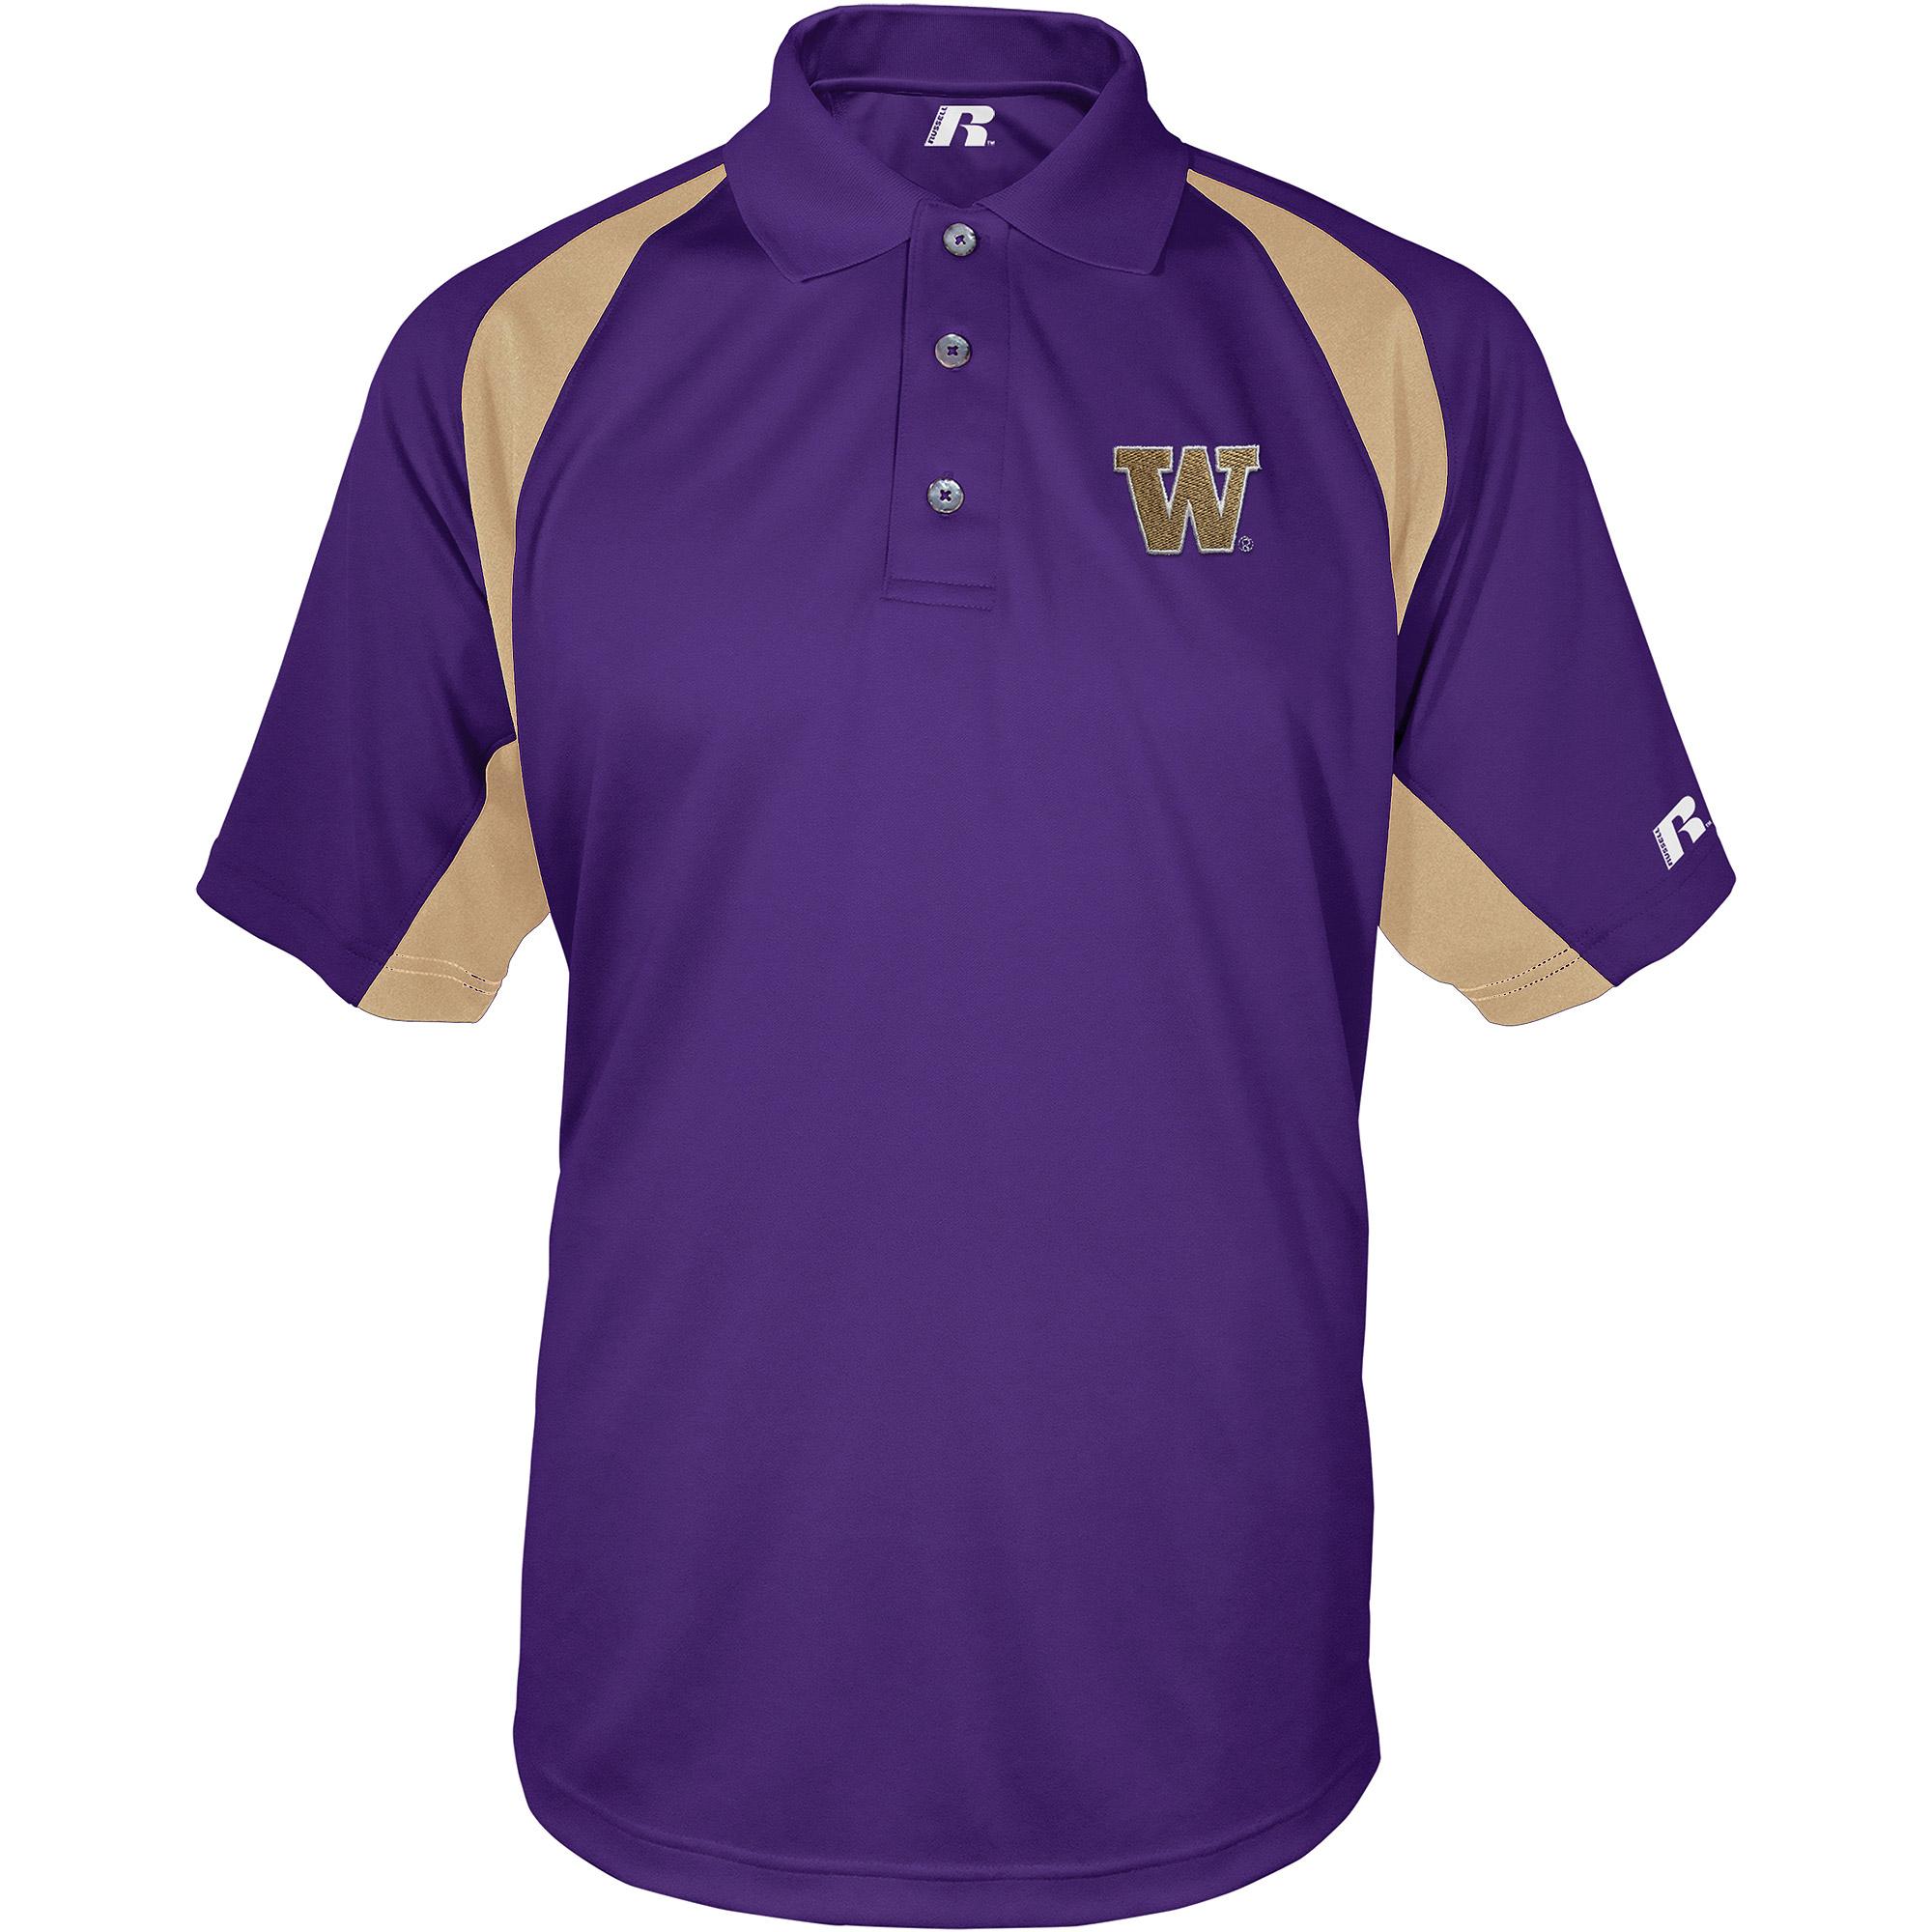 Russell NCAA Washington Huskies, Men's Synthetic Polo